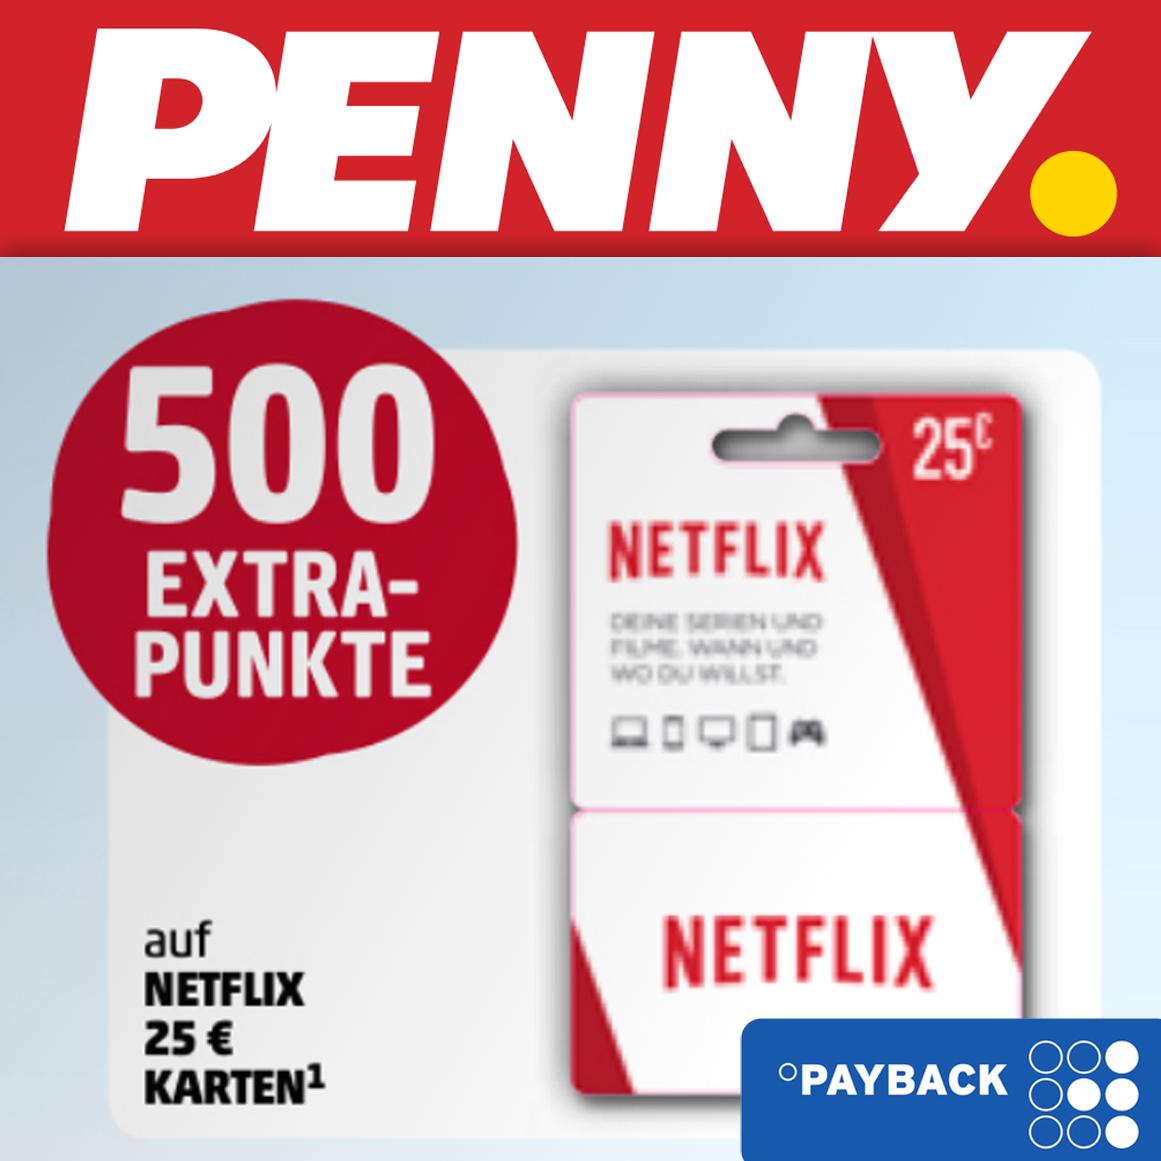 [Penny] 500 extra Paypack Punkte auf 25€ Netflix Guthaben (entspricht 20% Rabatt) & bis zu 1500 Punkte auf Google Play Guthaben